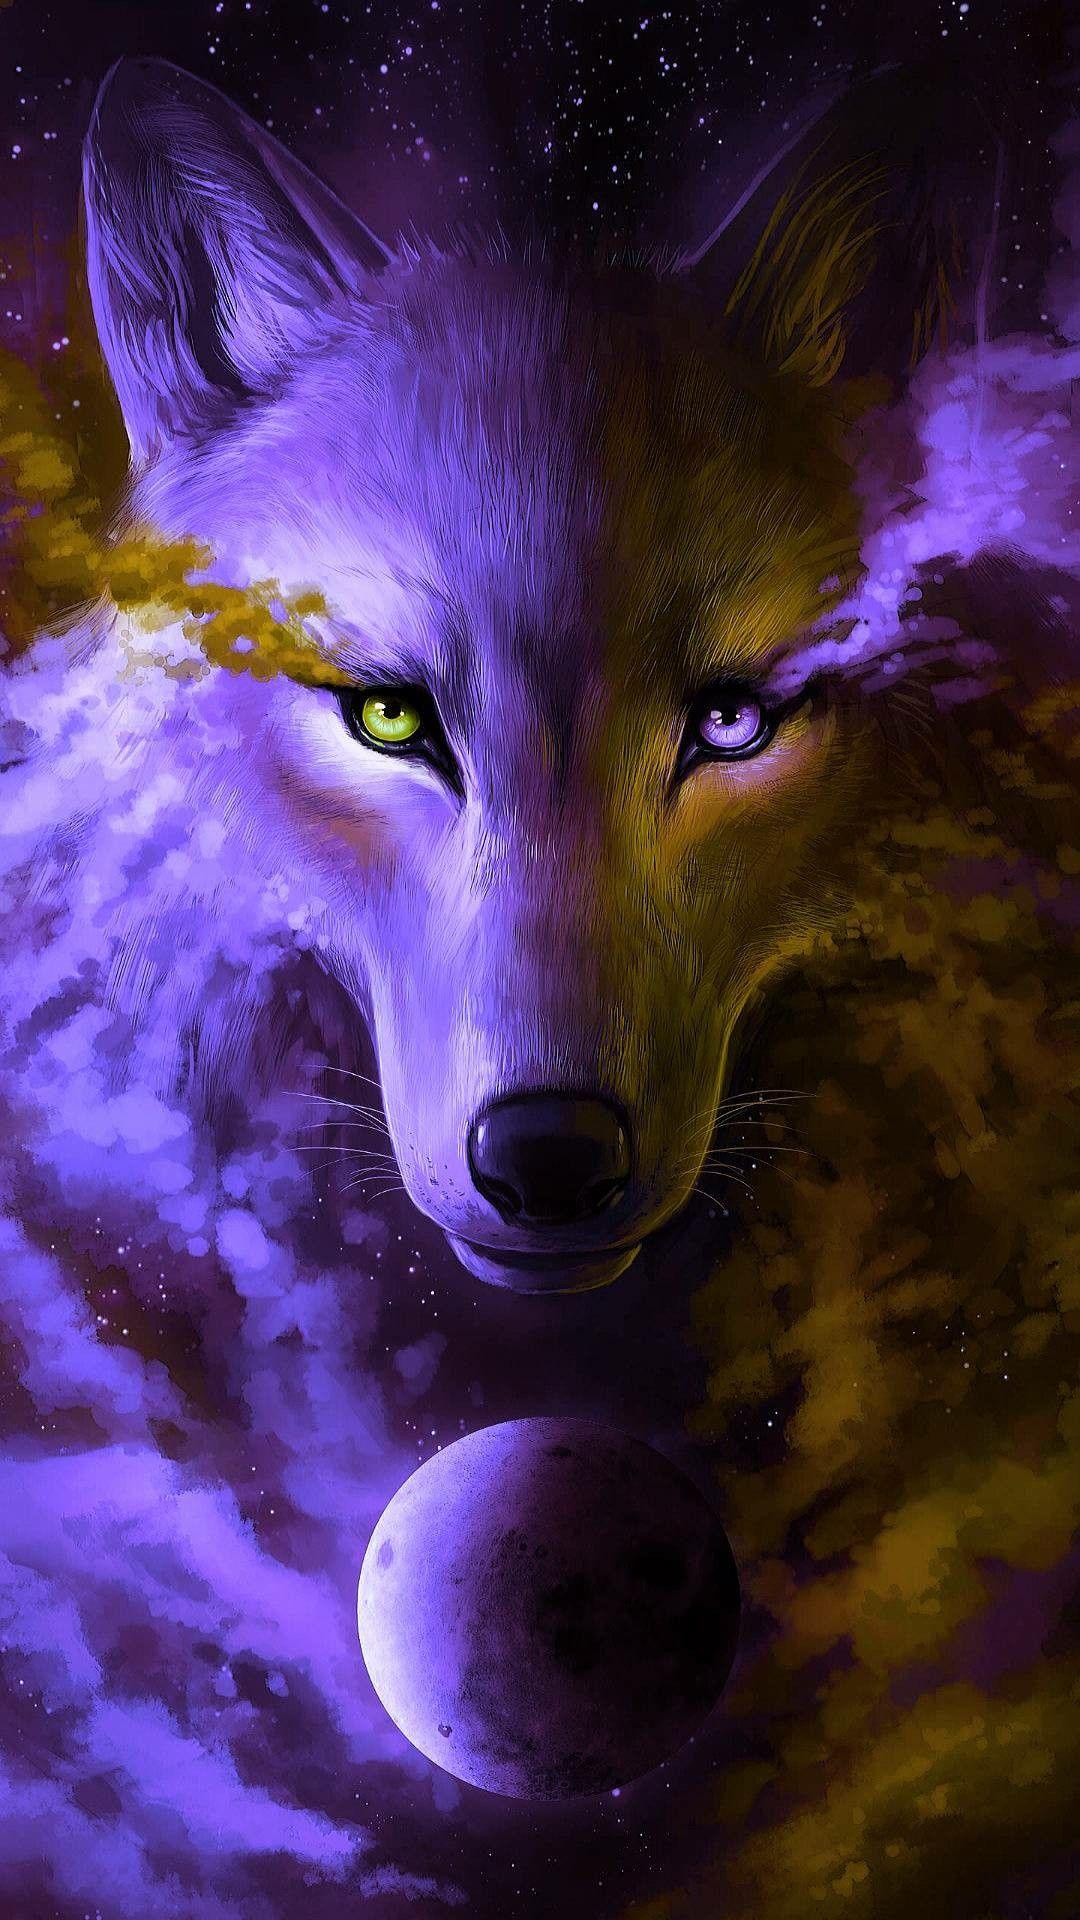 Pin De Onychan En Wolves Fondos De Pantalla Animales Fondo De Pantalla Lobo Pintura Del Lobo